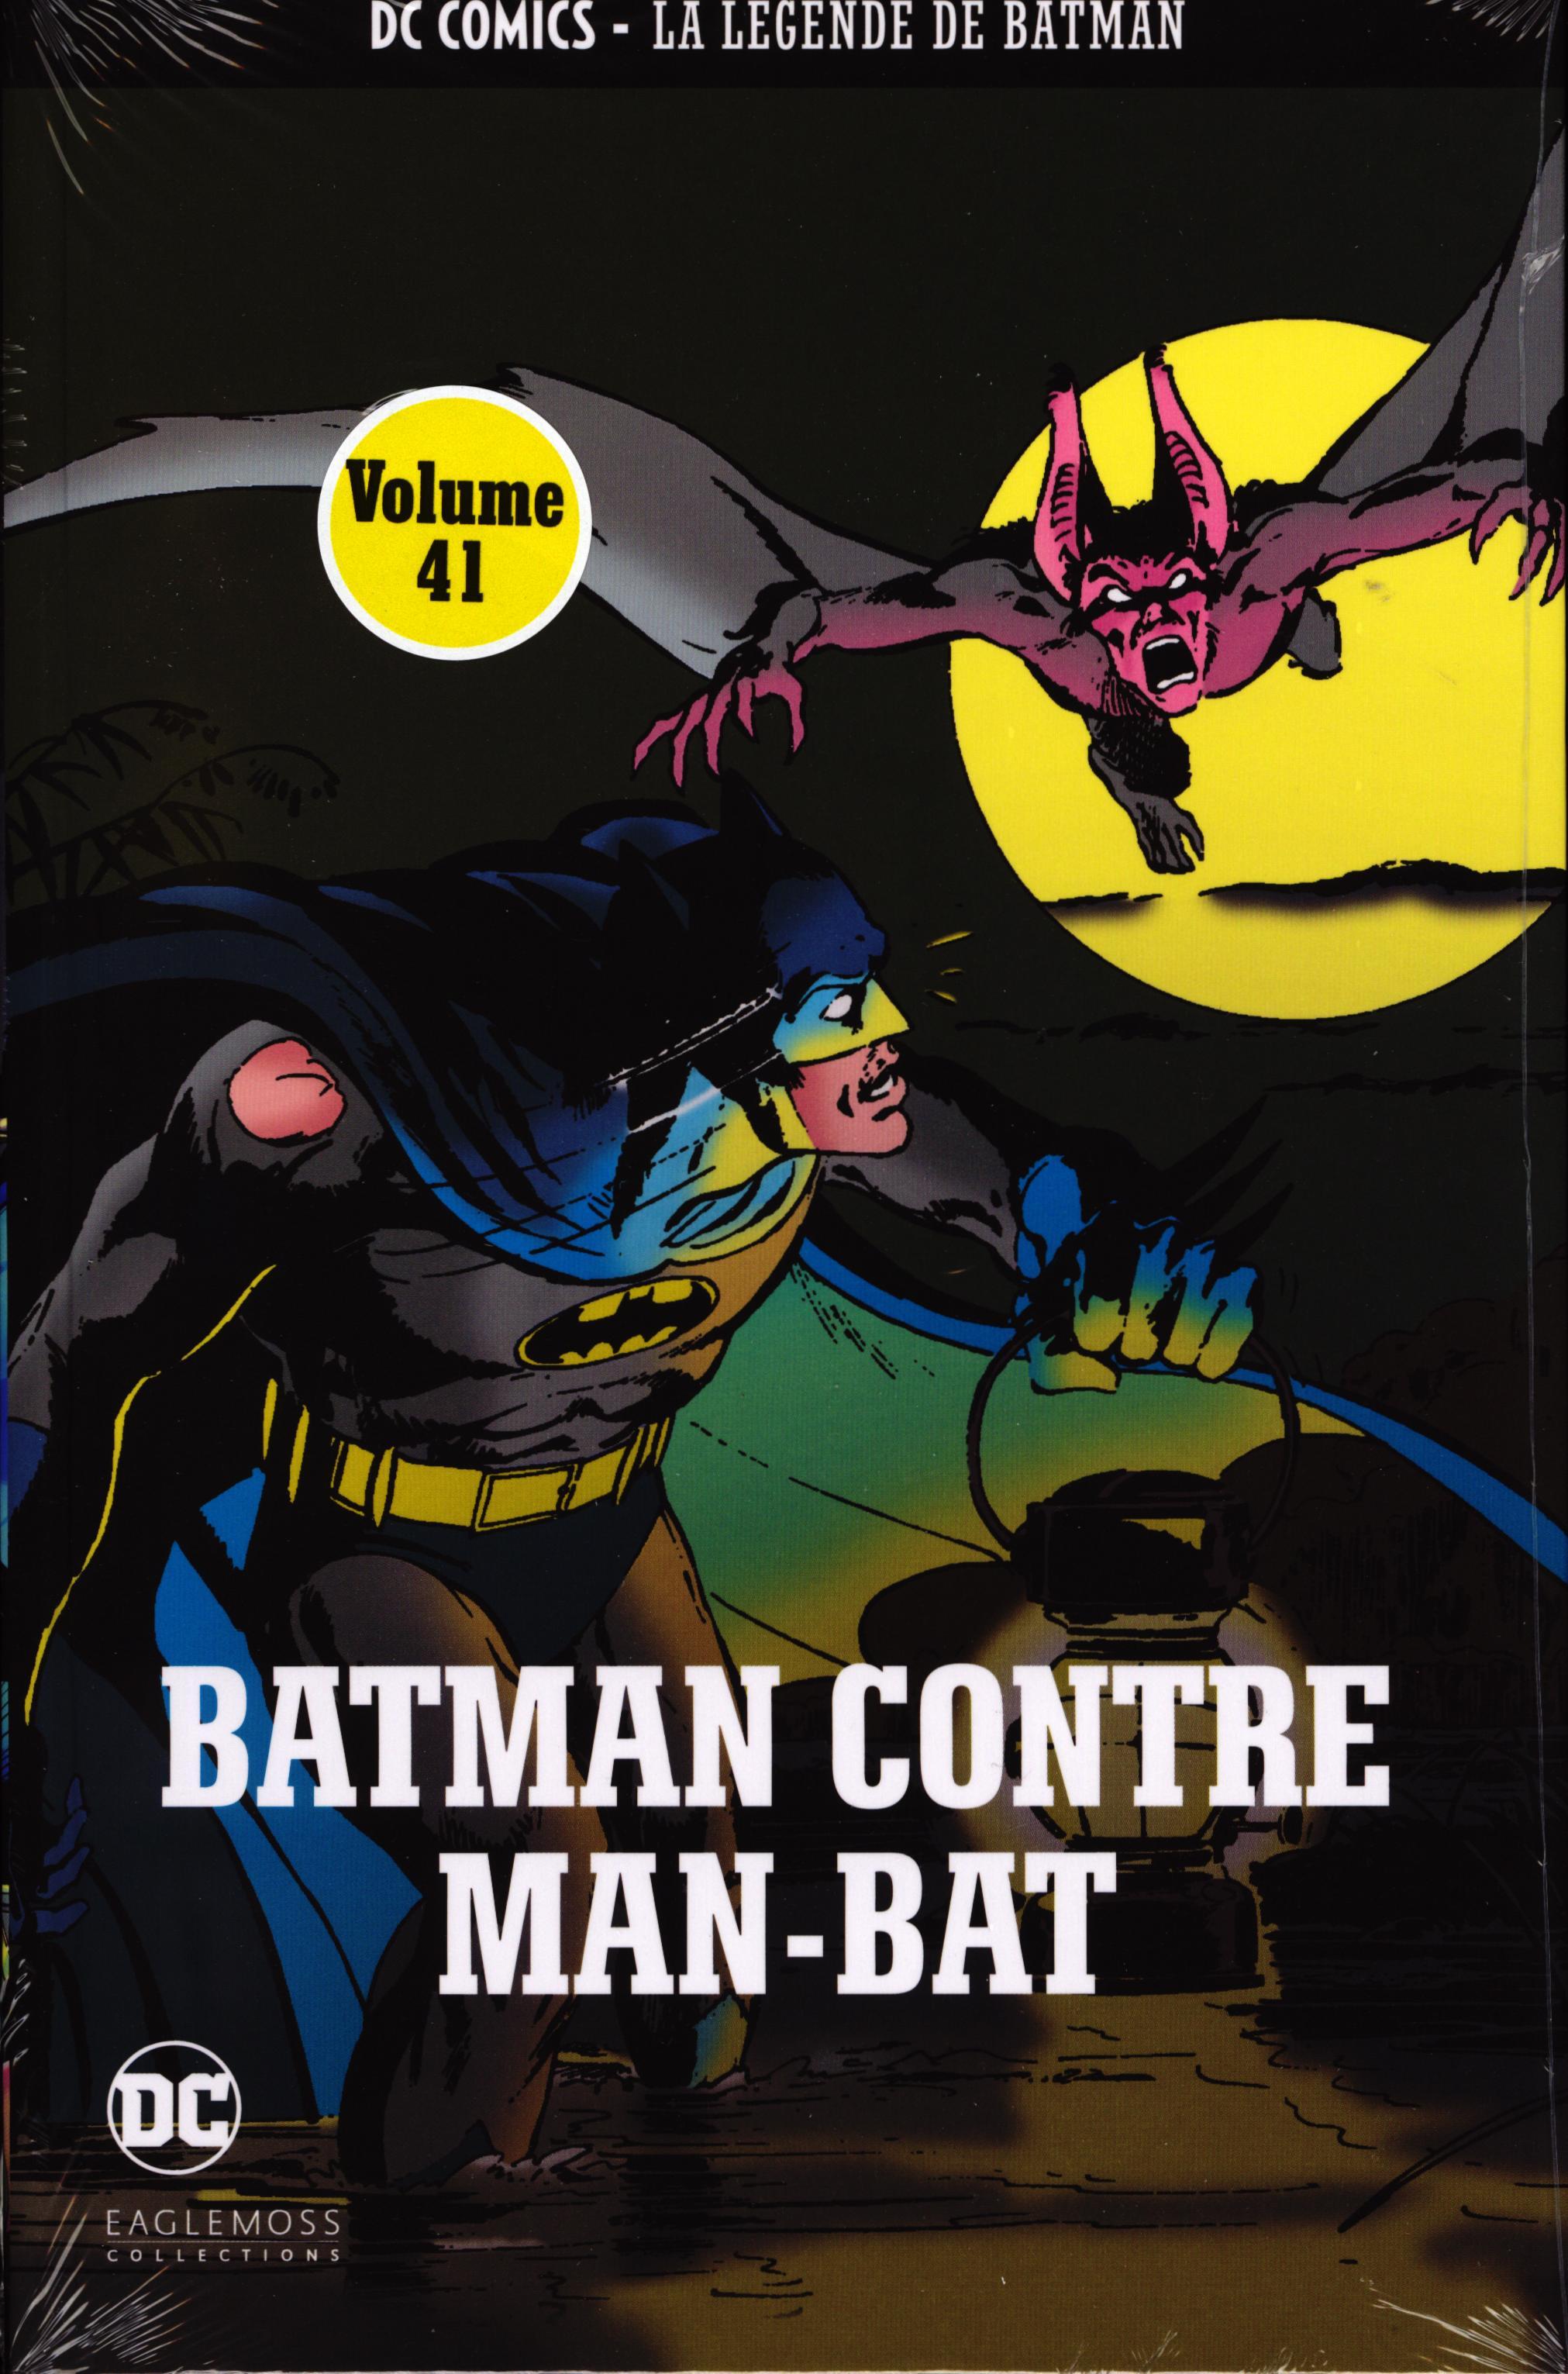 DC Comics - La Légende de Batman 14 - Batman contre Man-Bat